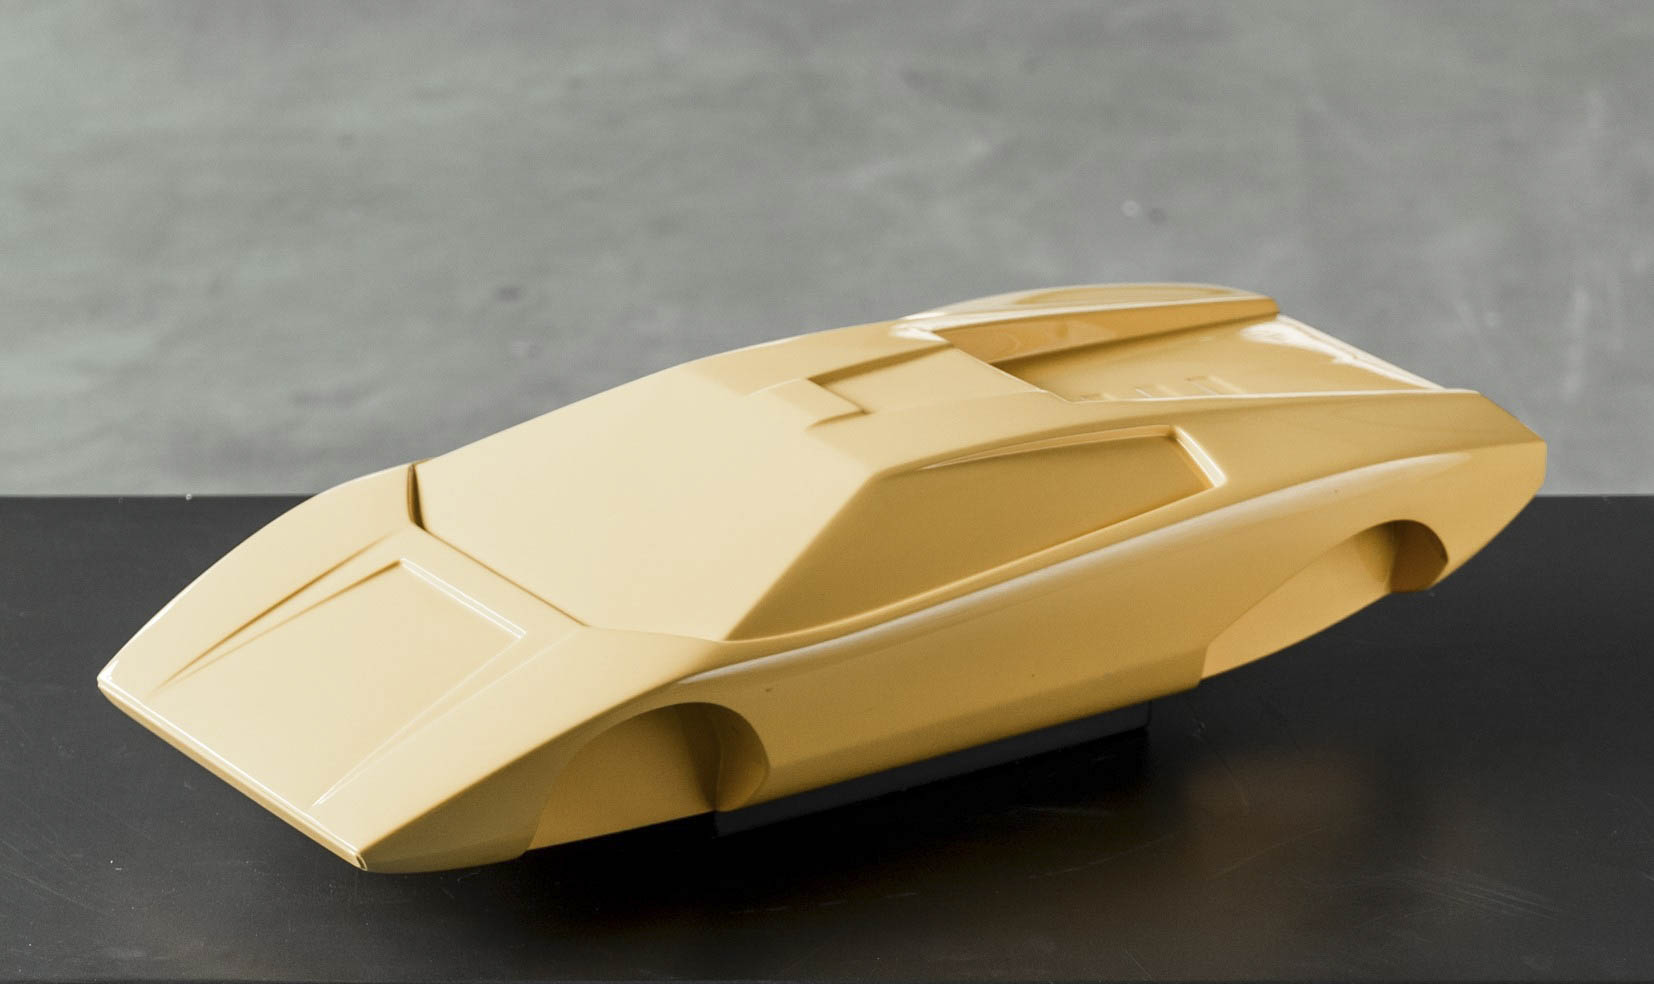 Lamborghini Countach design model